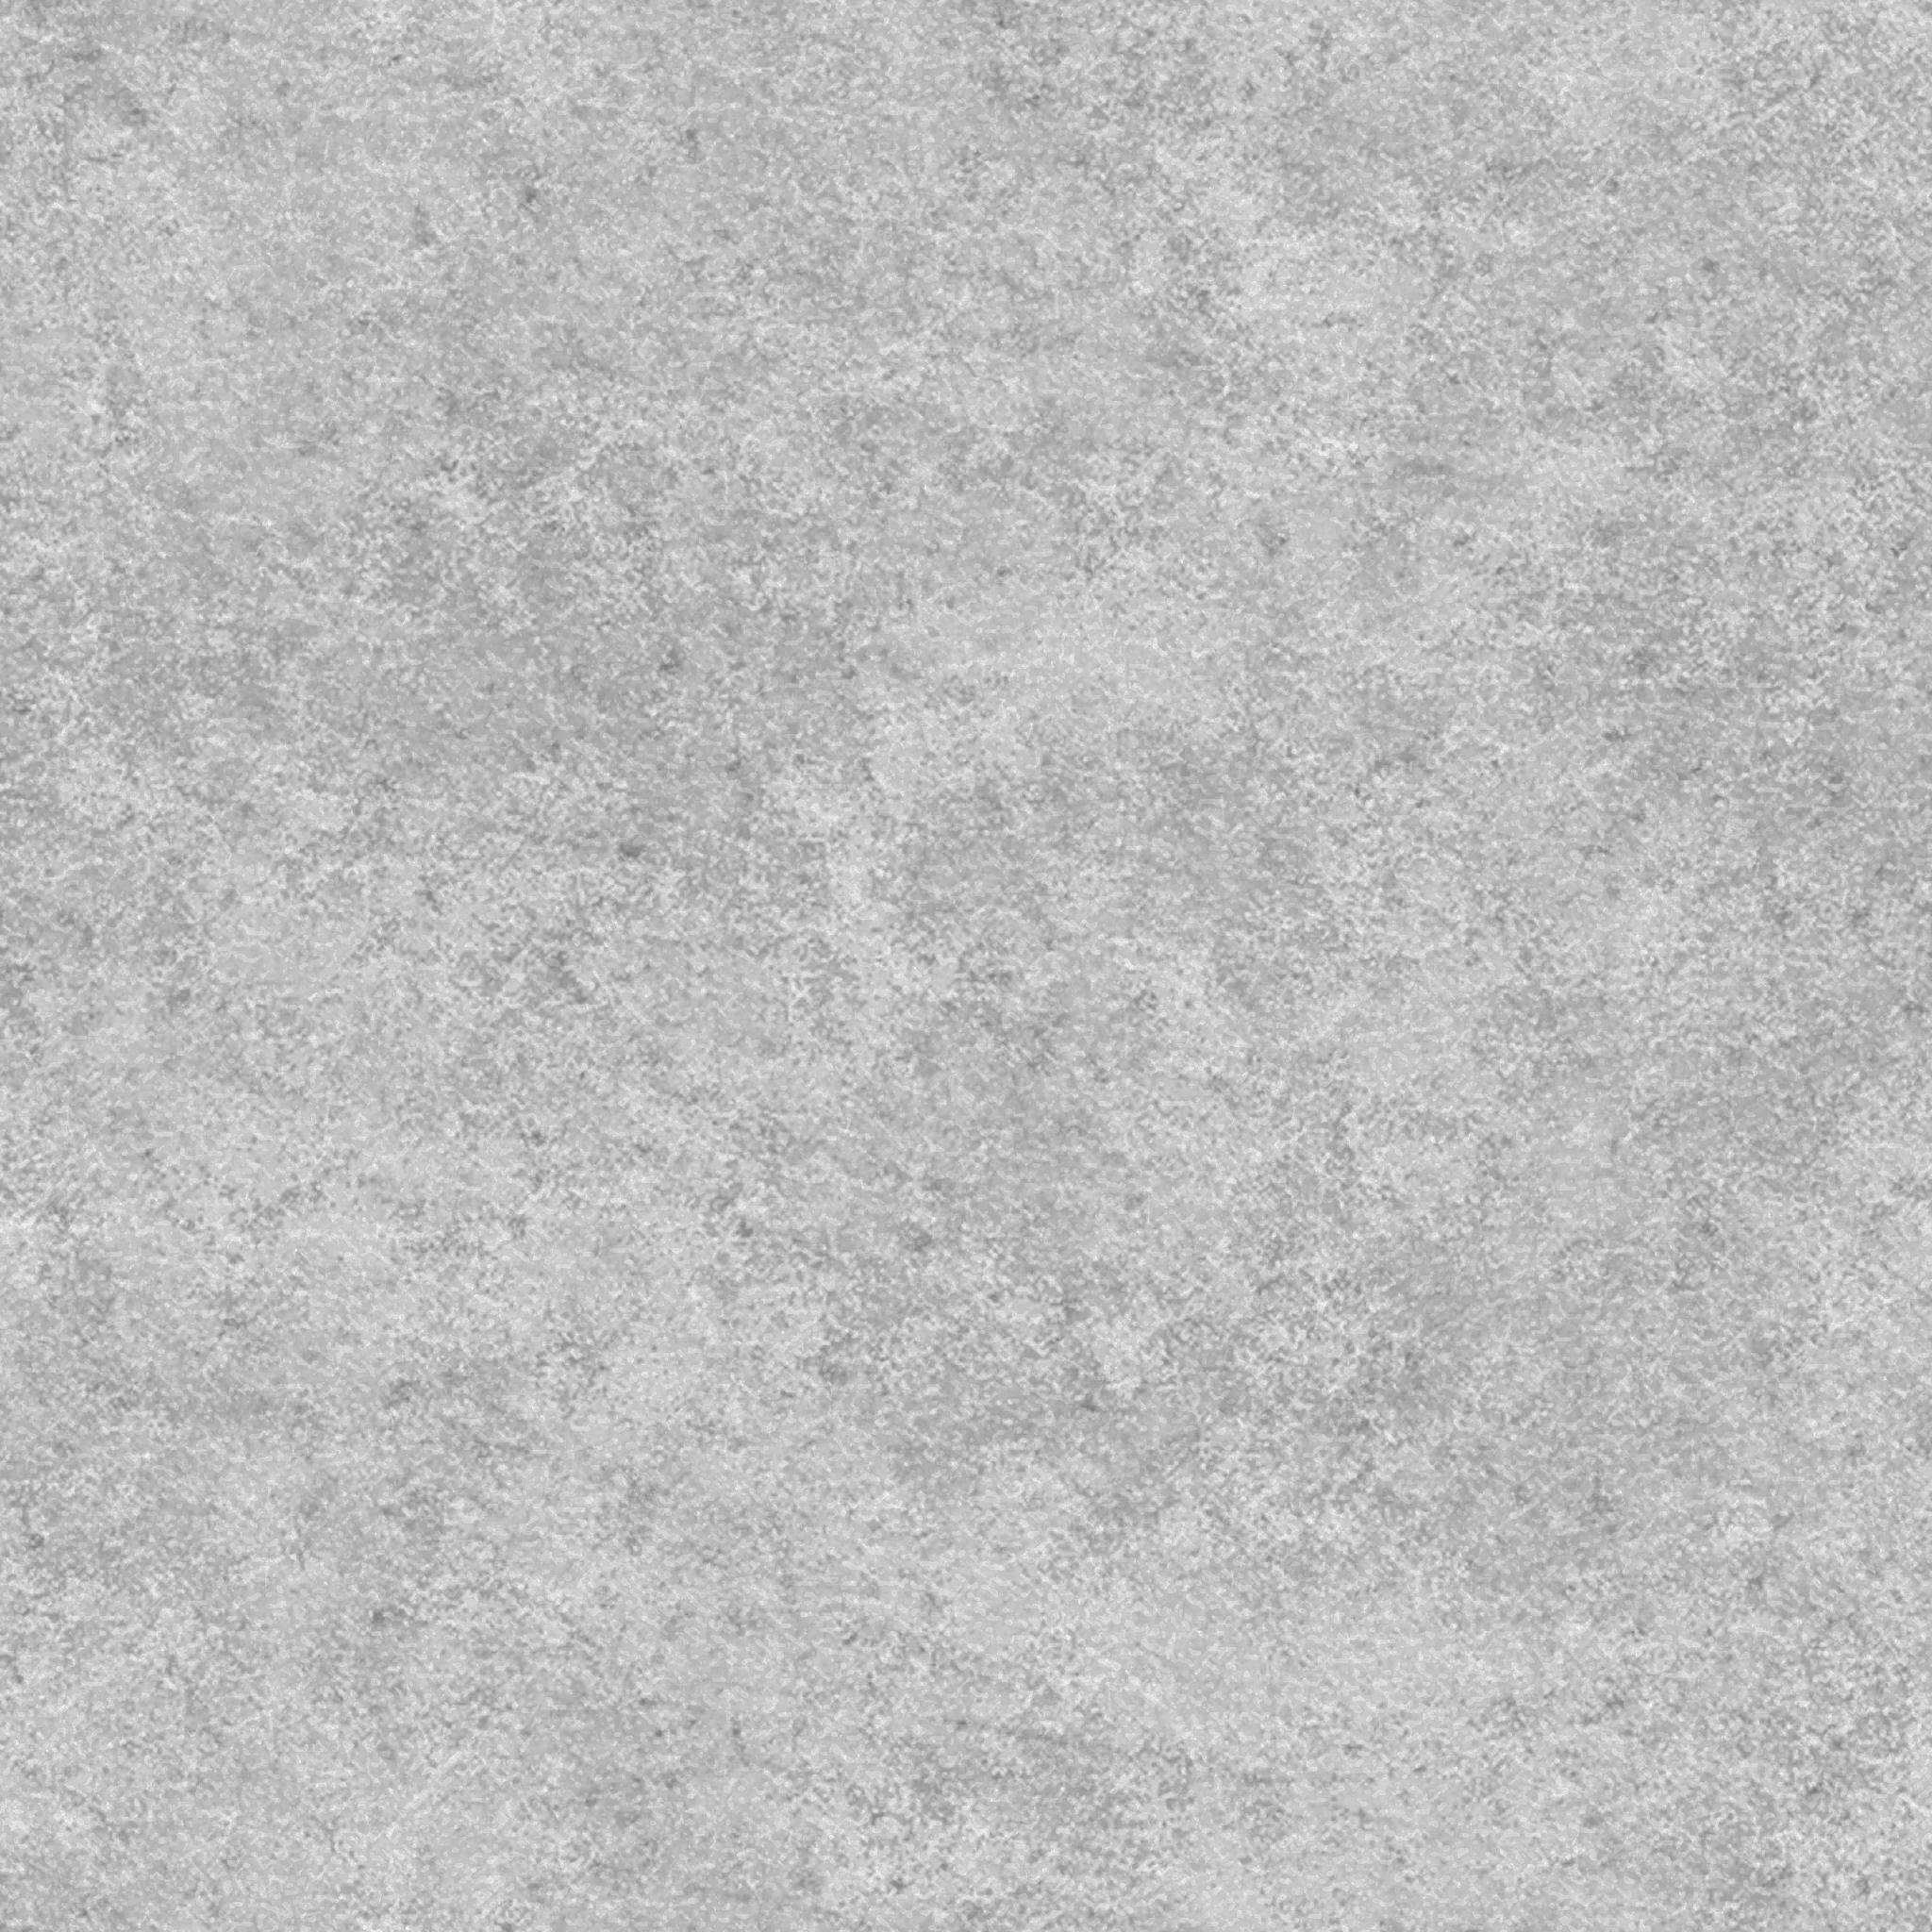 Cemento pulido gris claro pisos pinterest cemento - Suelos hormigon pulido ...